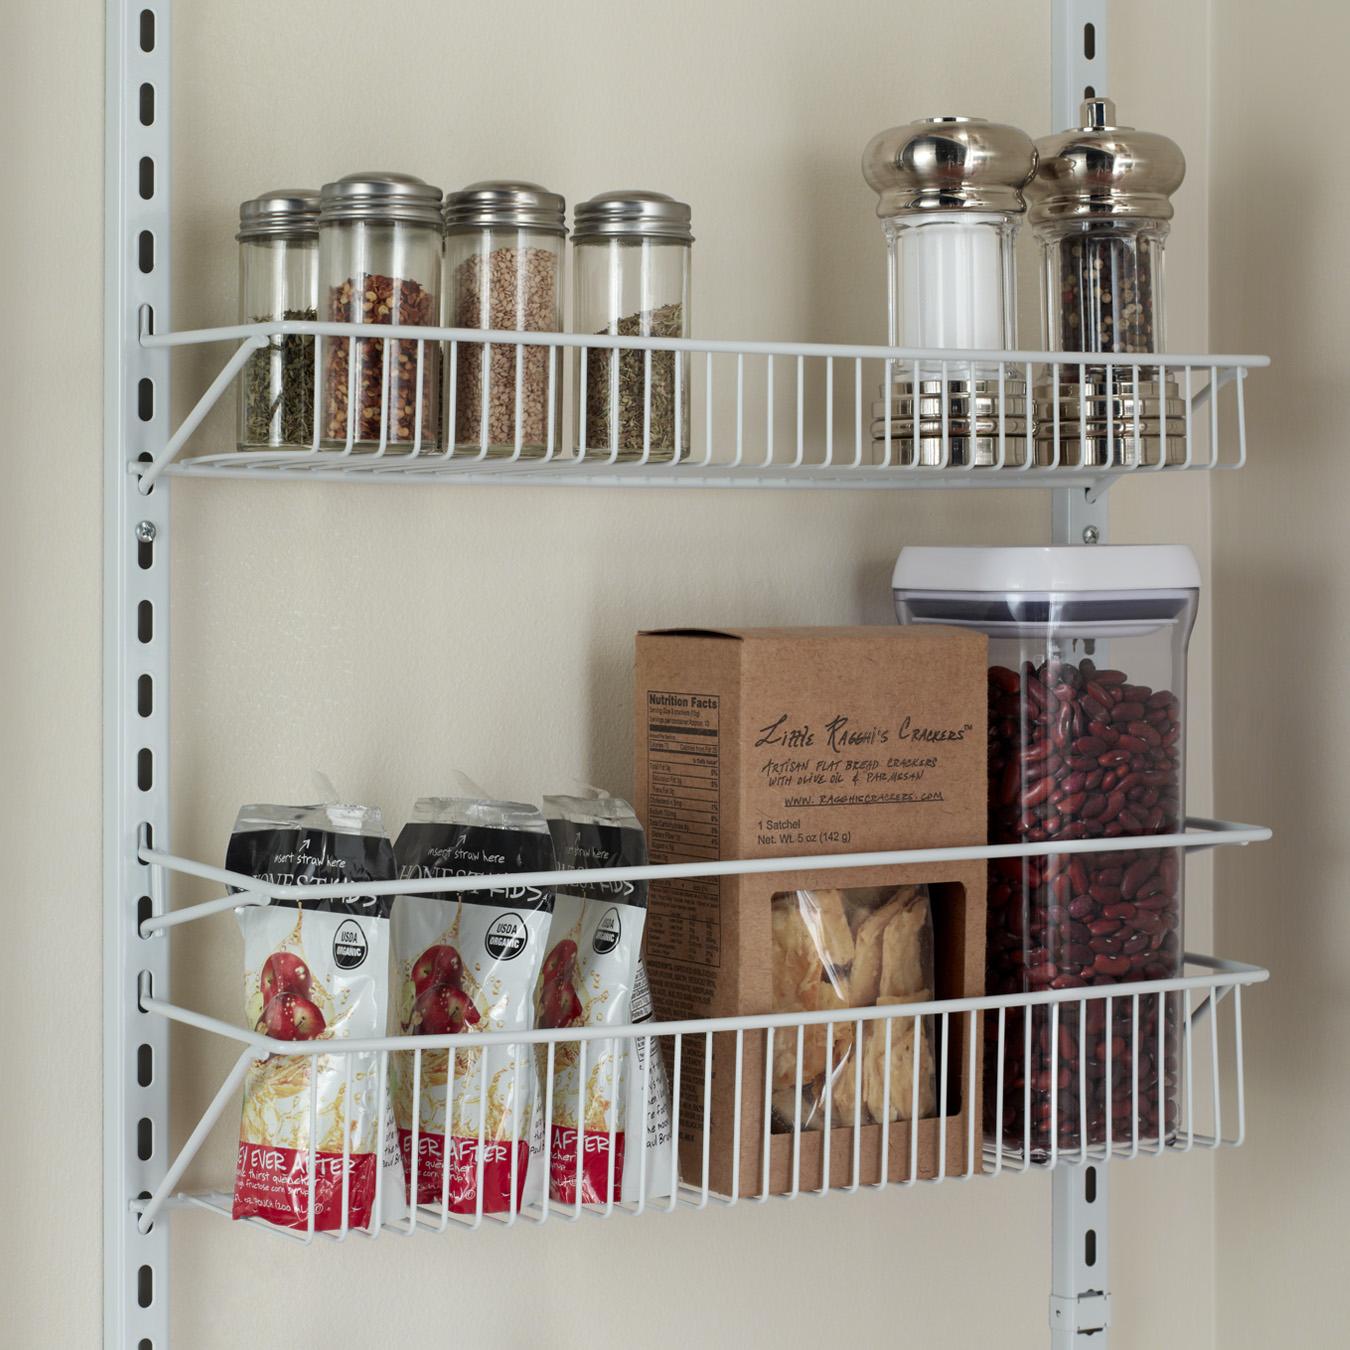 可调节八层厨房多功能置物架收纳挂架 阁室美 ClosetMaid